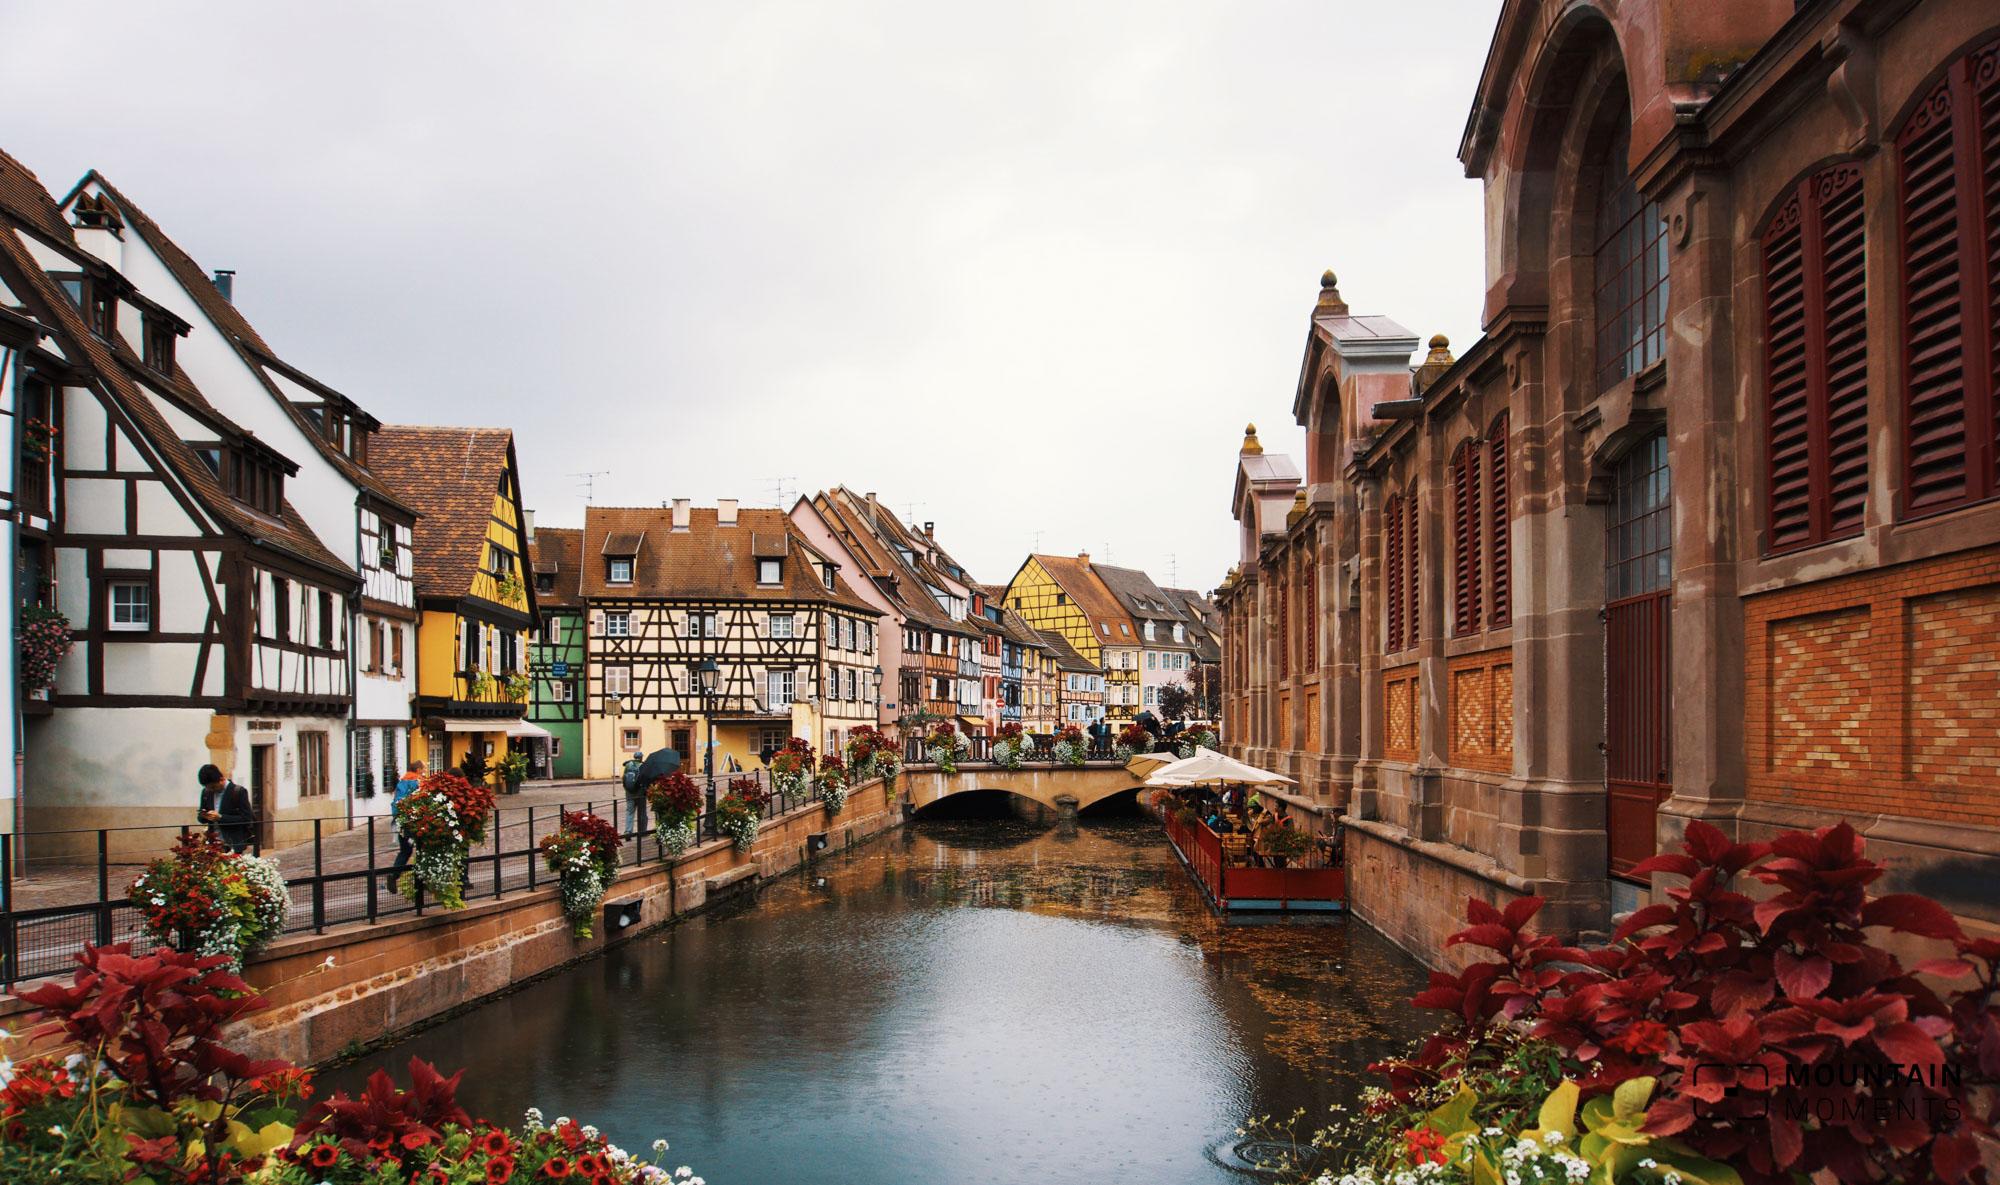 fotospot frankreich, fotospots, foto location, schöne orte, sehenswürdigkeit frankreich